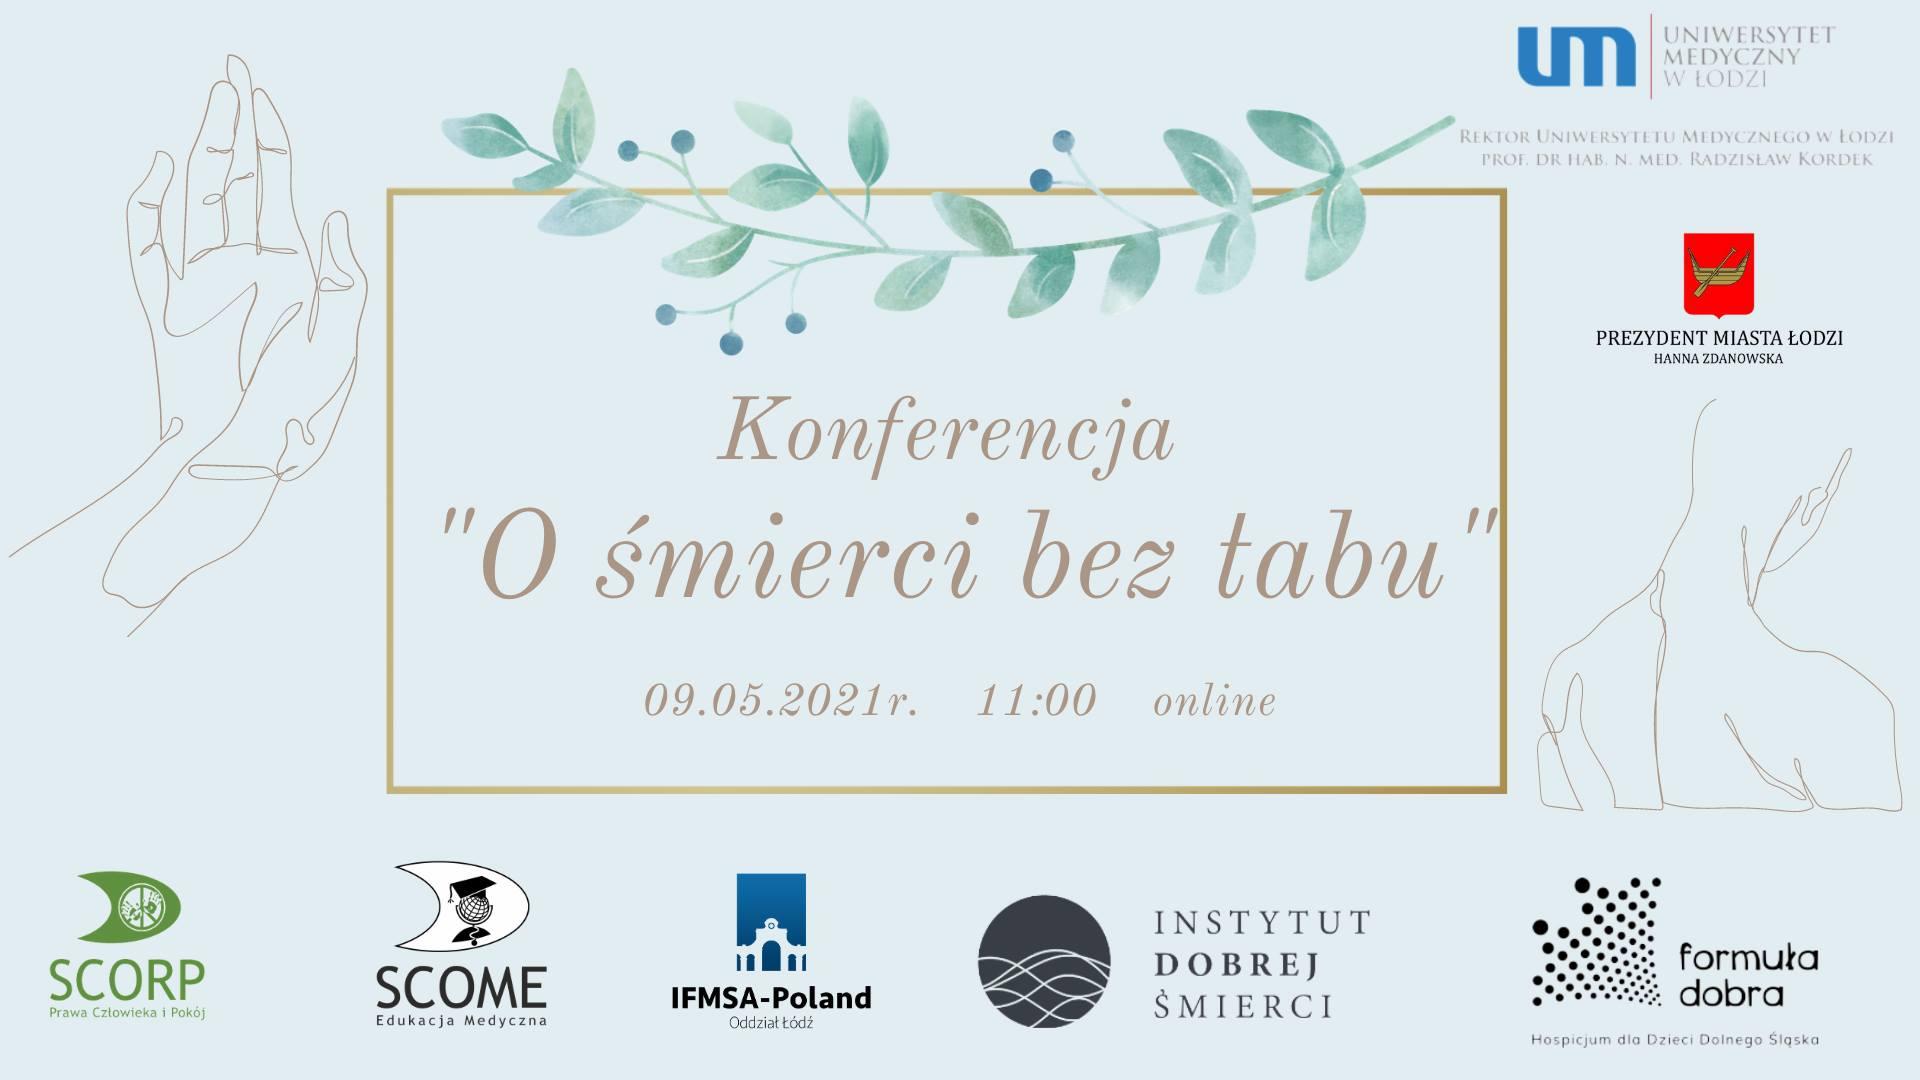 Plakat konferencji O śmierci bez tabu